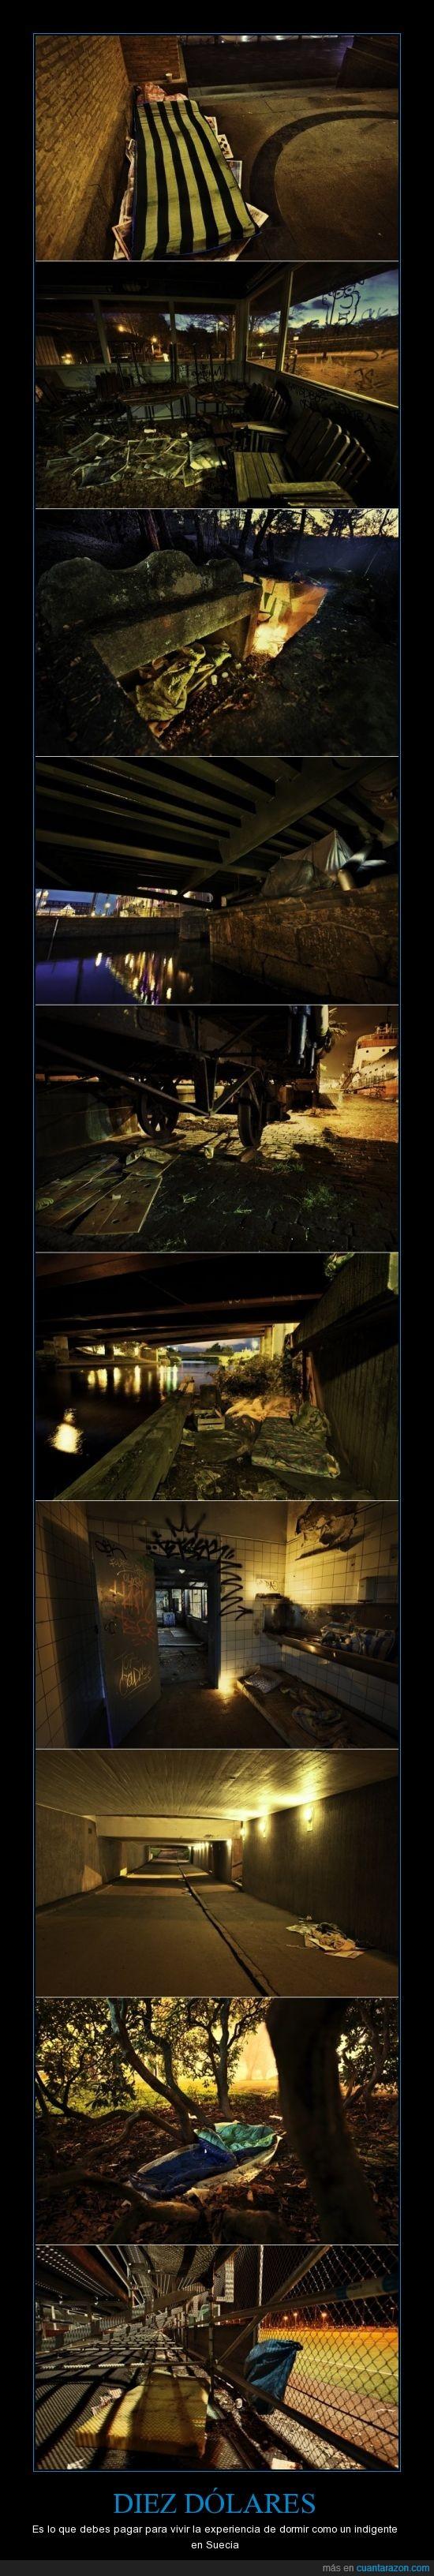 bajo el puente,colcha,dormir,es por caridad,estadio,indigente,parque,sucio,suecia,Why not?